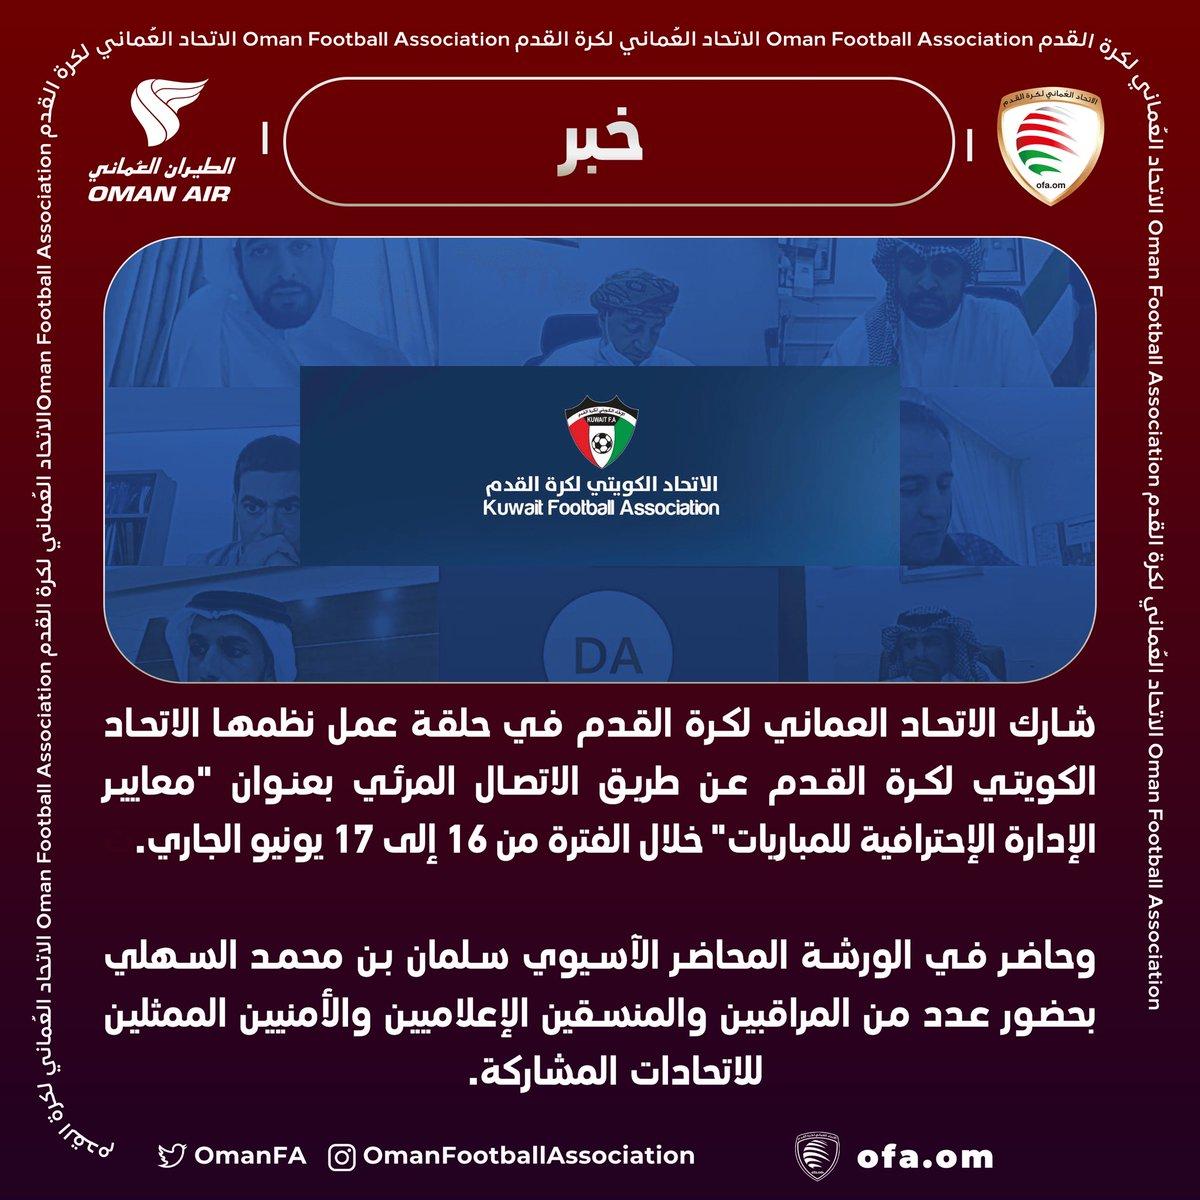 📌 شارك الاتحاد العماني لكرة القدم في حلقة عمل نظمها الاتحاد الكويتي لكرة القدم عن طريق الاتصال المرئي بعنوان معايير الإدارة الإحترافية للمباريات.